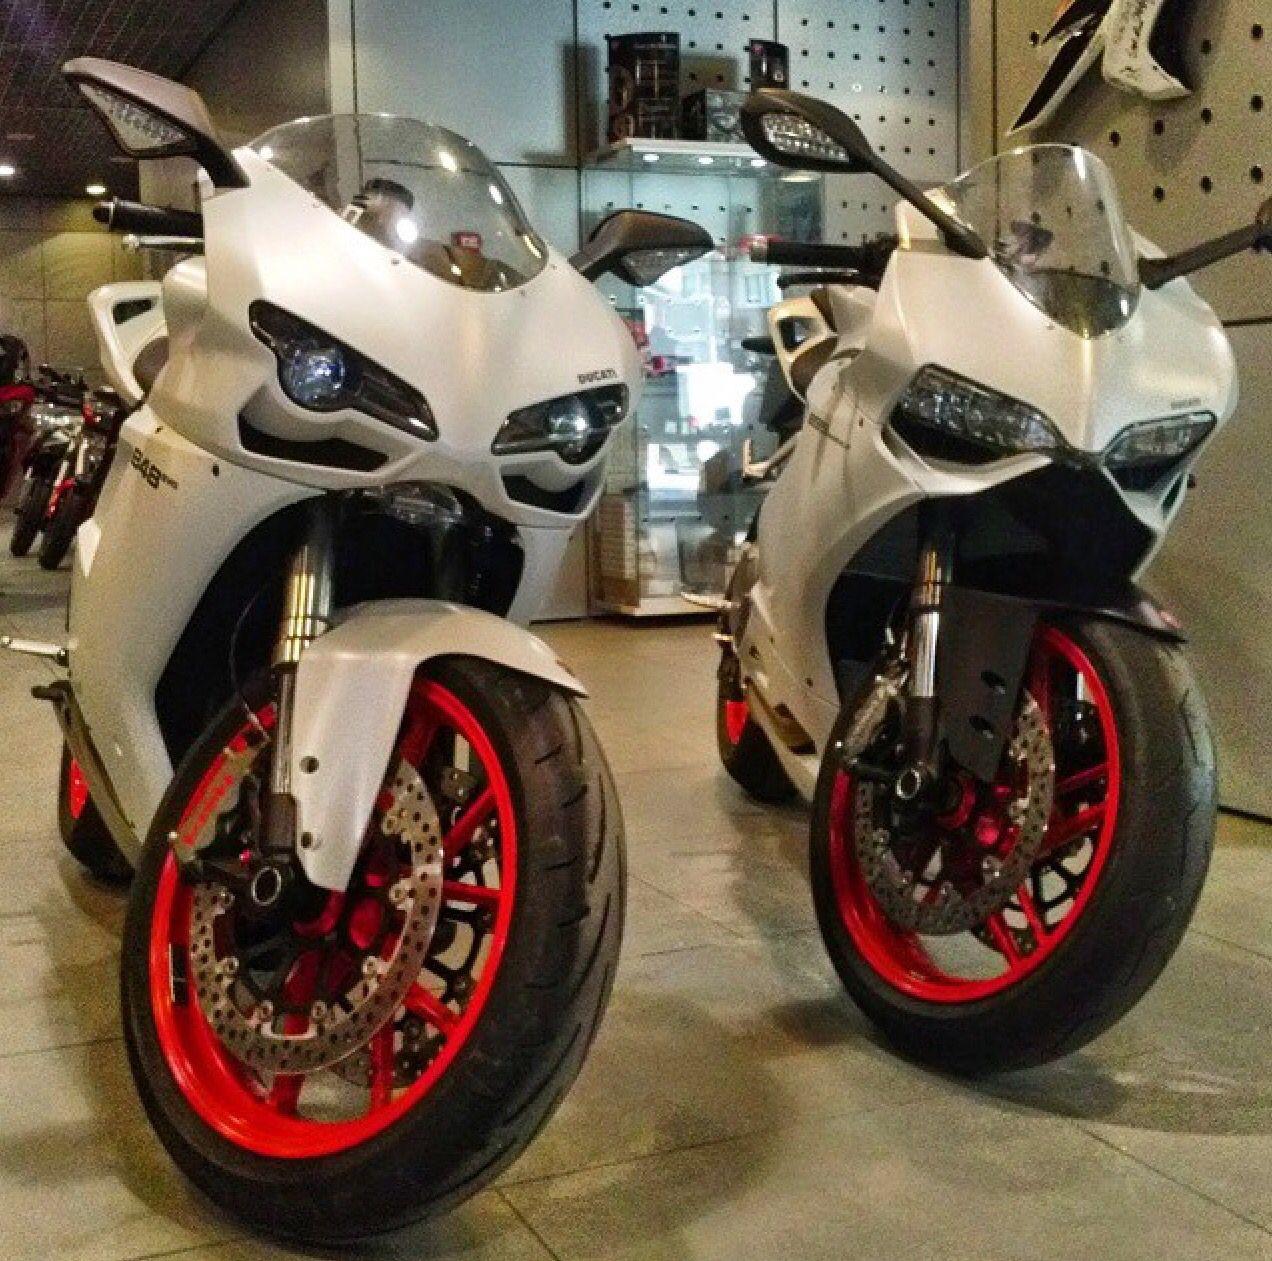 Ducati 848 Evo And Ducati 899 Panigale